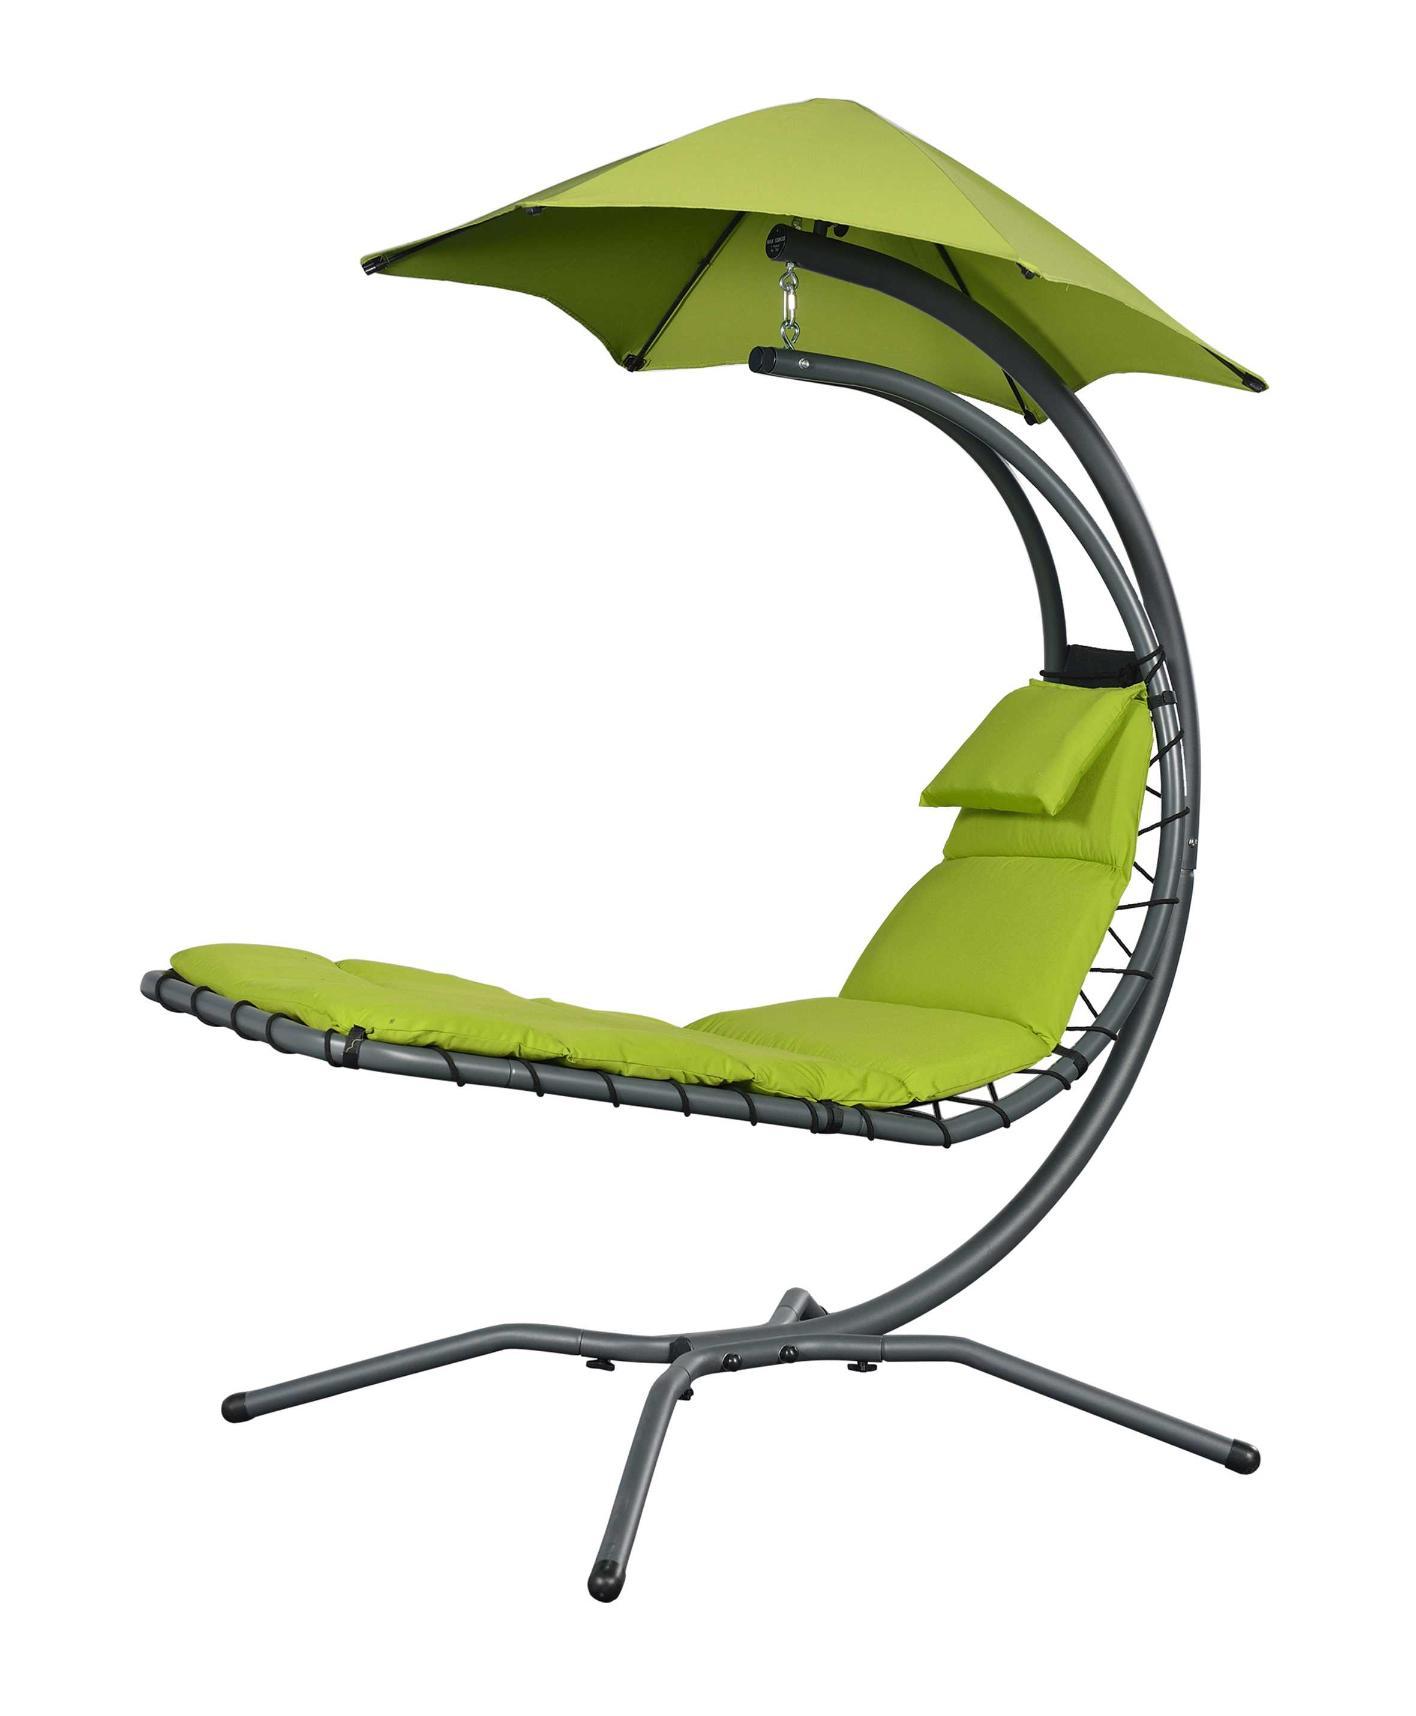 g nial chaise longue suspendue id es de bain de soleil. Black Bedroom Furniture Sets. Home Design Ideas